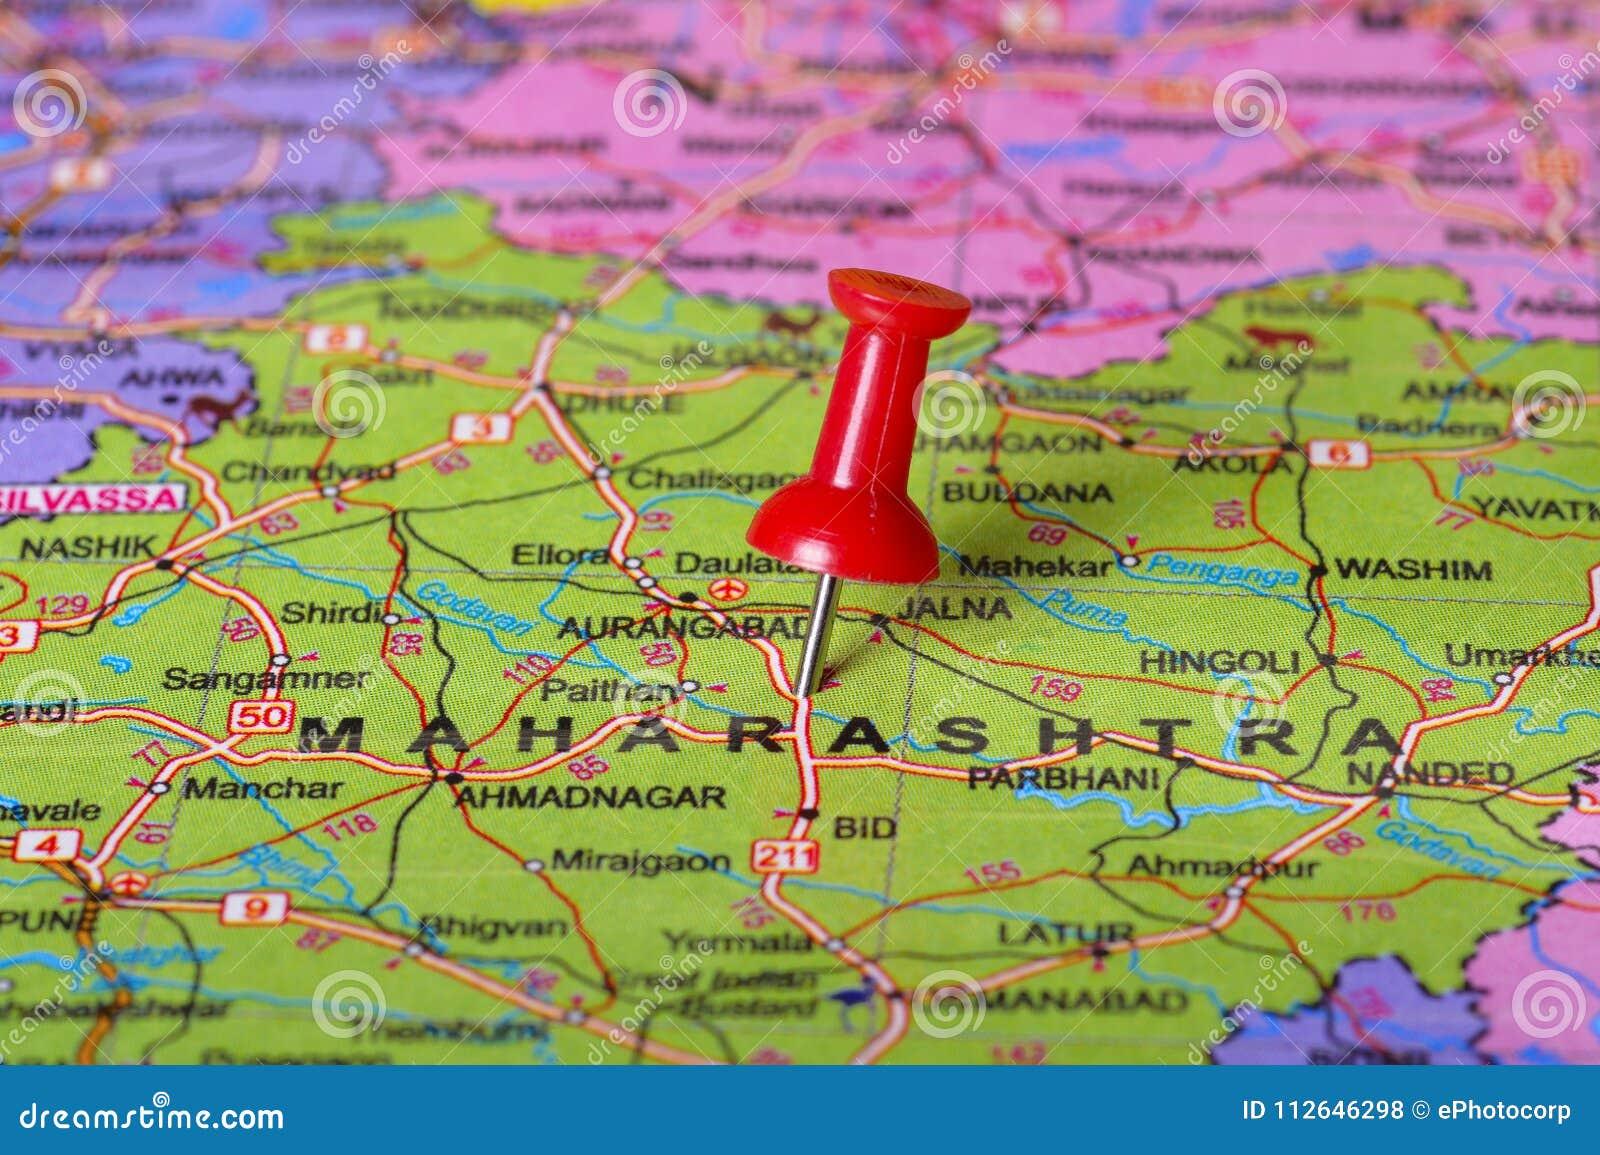 Pushpin Pointing To Maharashtra On A Map Of India Stock Photo